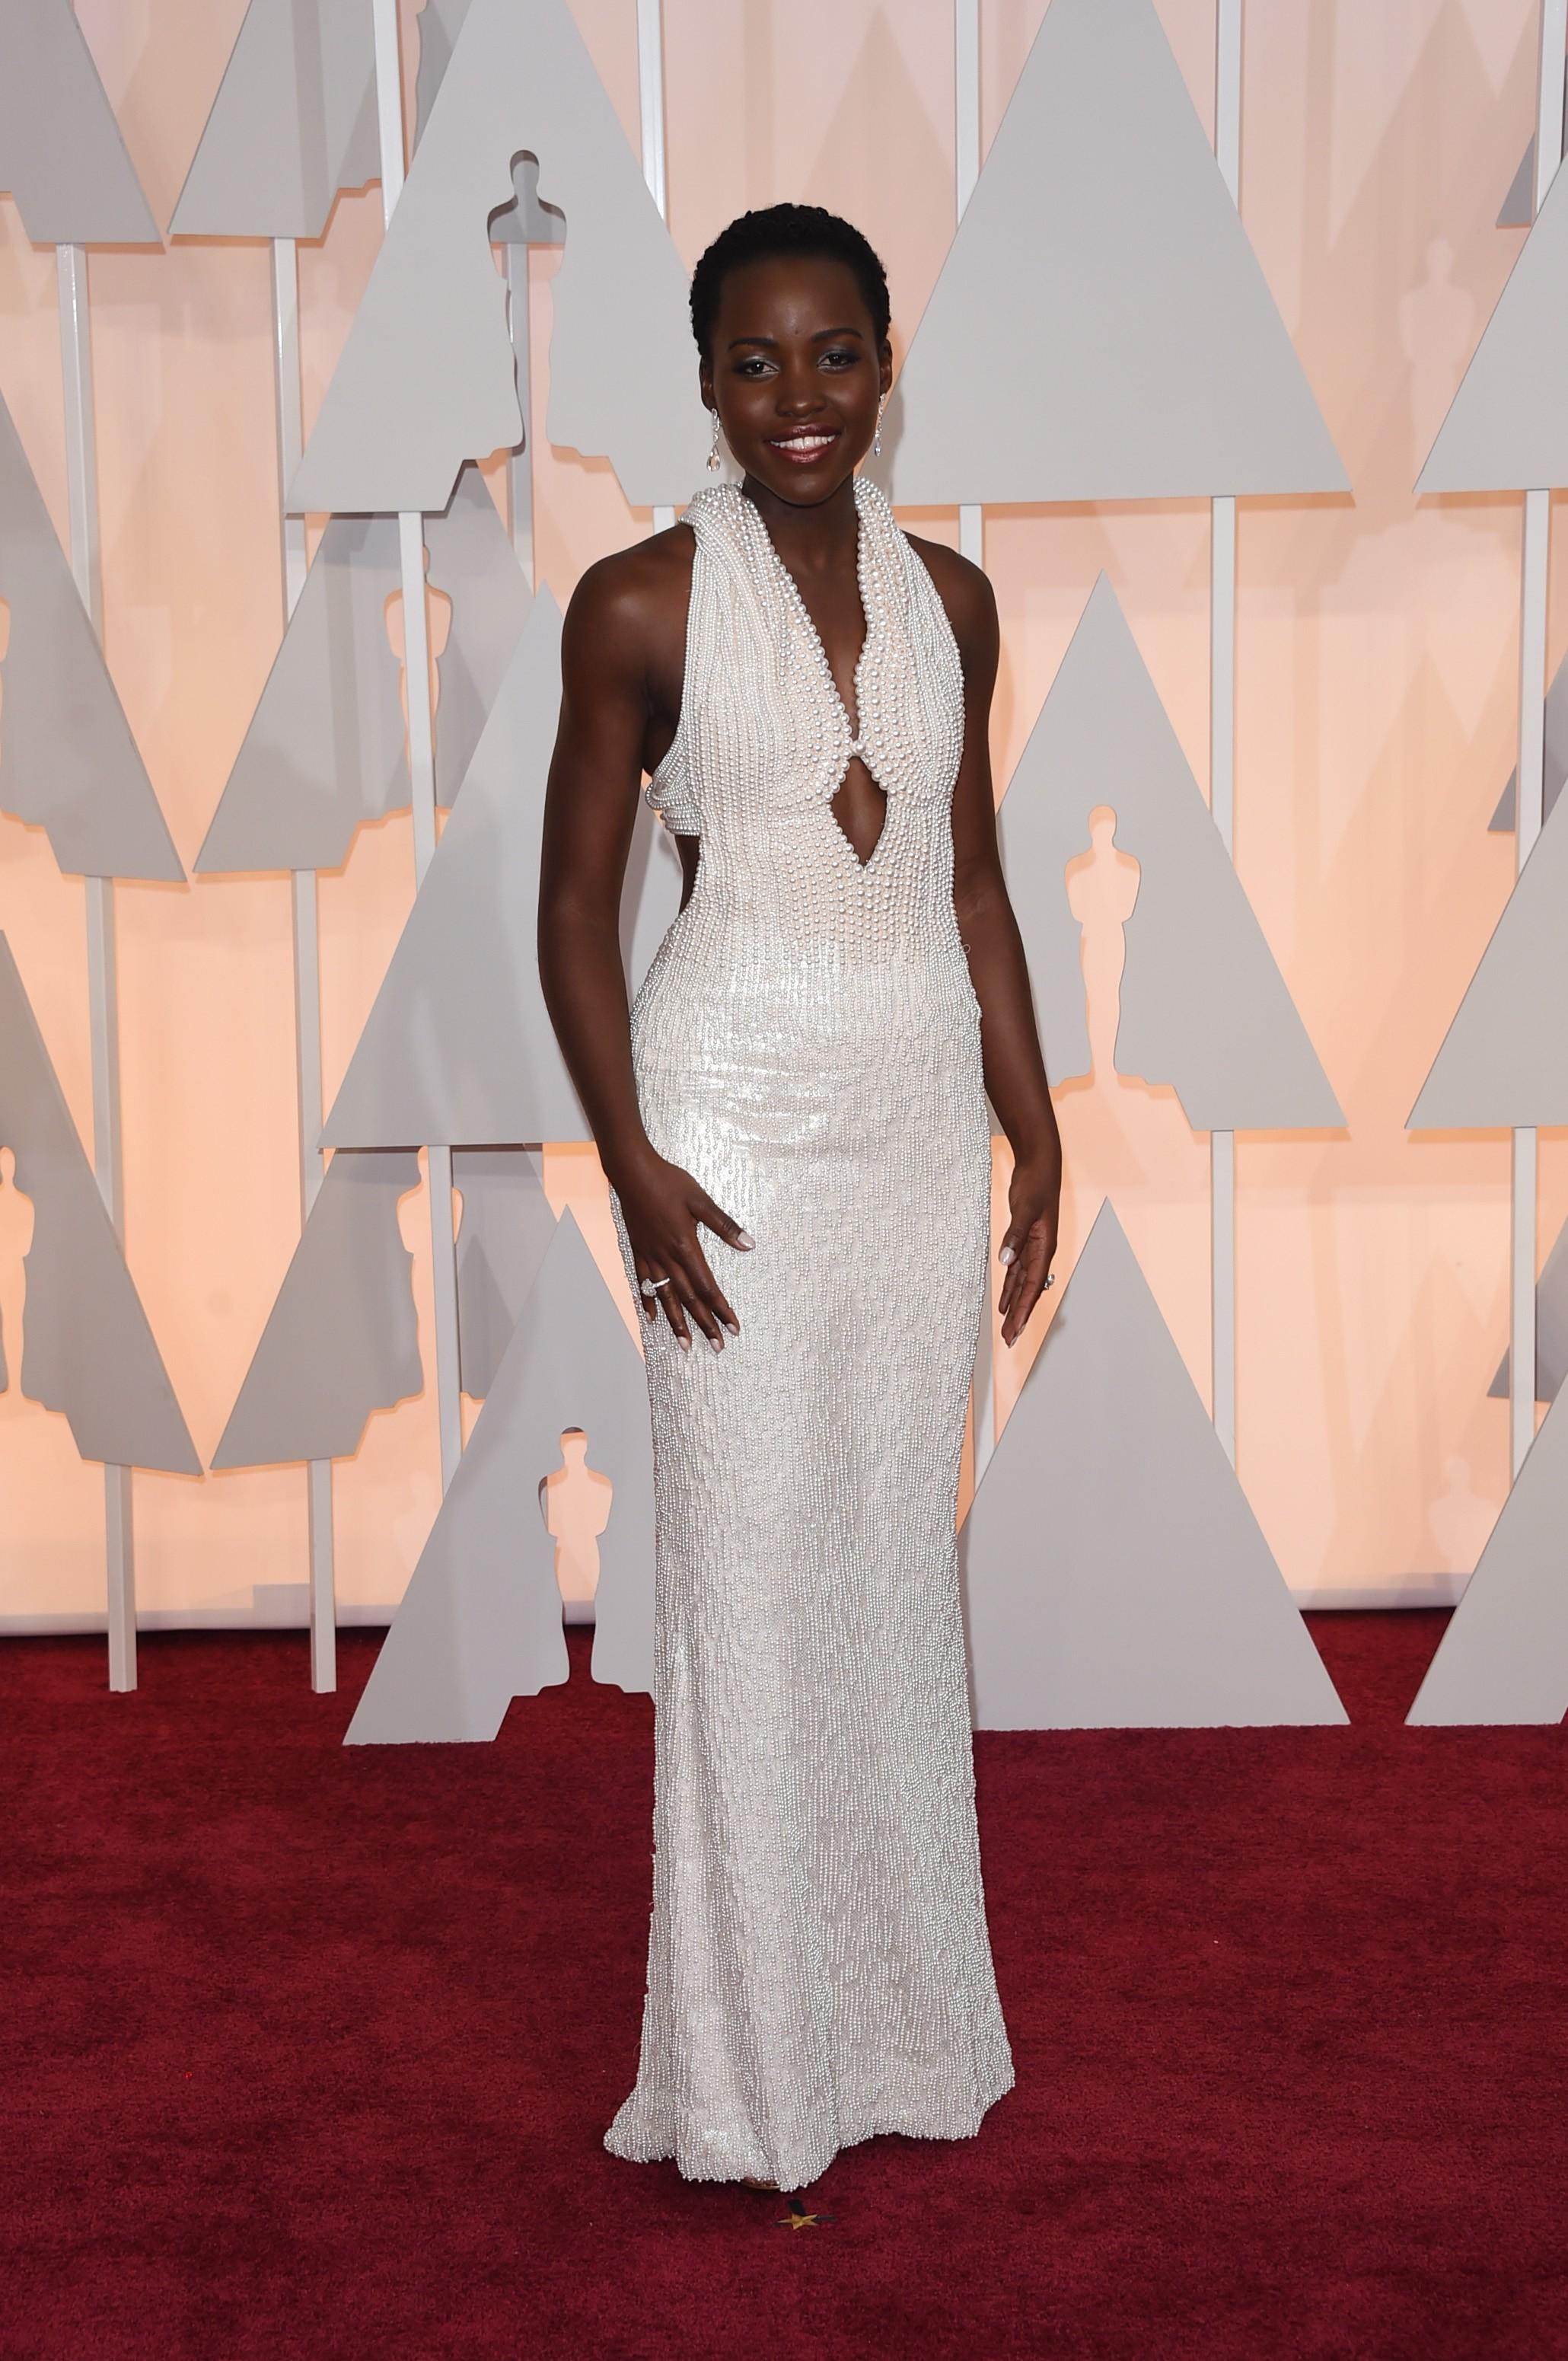 Vestido de pérolas usado por Lupita Nyong'o no Oscar é roubado